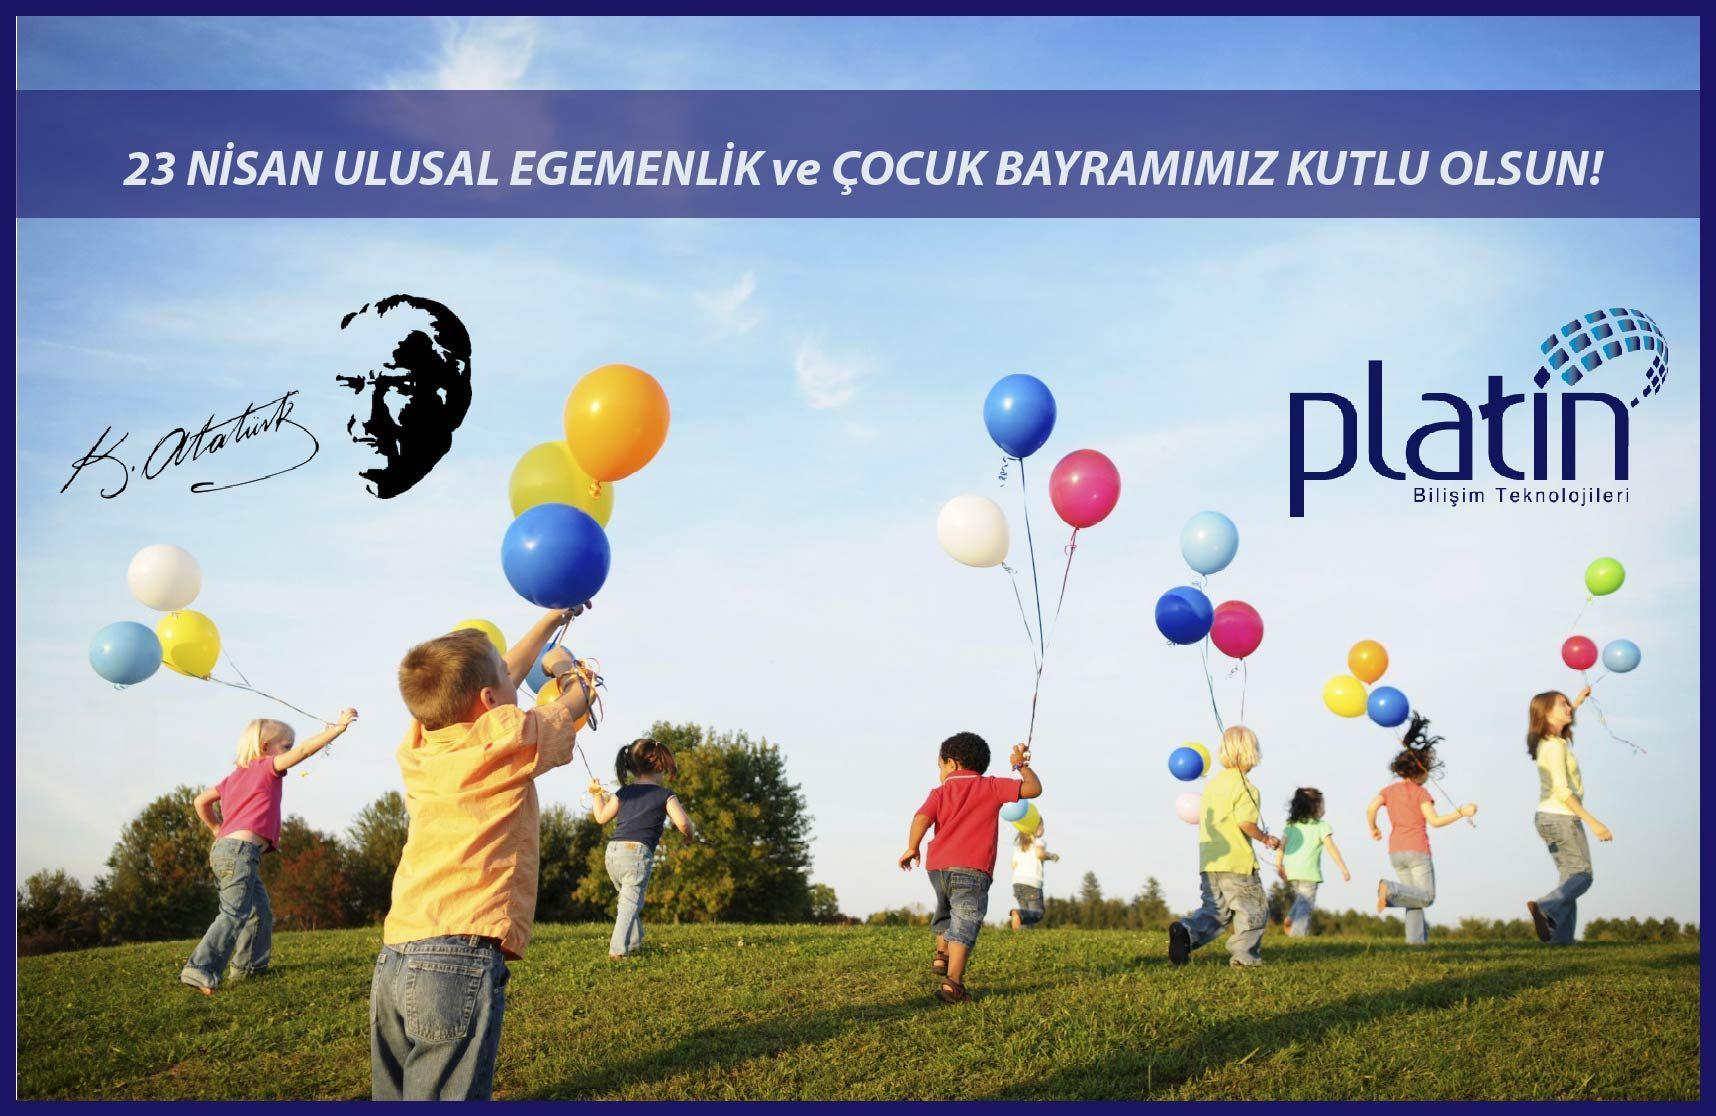 """23 Nisan Ulusal Egemenlik ve Çocuk Bayramı Kutlu Olsun! #23Nisan #UlusalEgemenlik #DünyaÇocukları #Atatürk #MustafaKemal #PlatinBilişimTeknolojileri """"Küçük hanımlar, küçük beyler! Sizler hepiniz geleceğin bir gülü, yıldızı ve ikbal ışığısınız. Memleketi asıl ışığa boğacak olan sizsiniz. Kendinizin ne kadar önemli, değerli olduğunuzu düşünerek ona göre çalışınız. Sizlerden çok şey bekliyoruz."""" (Atatürk Albümü)"""